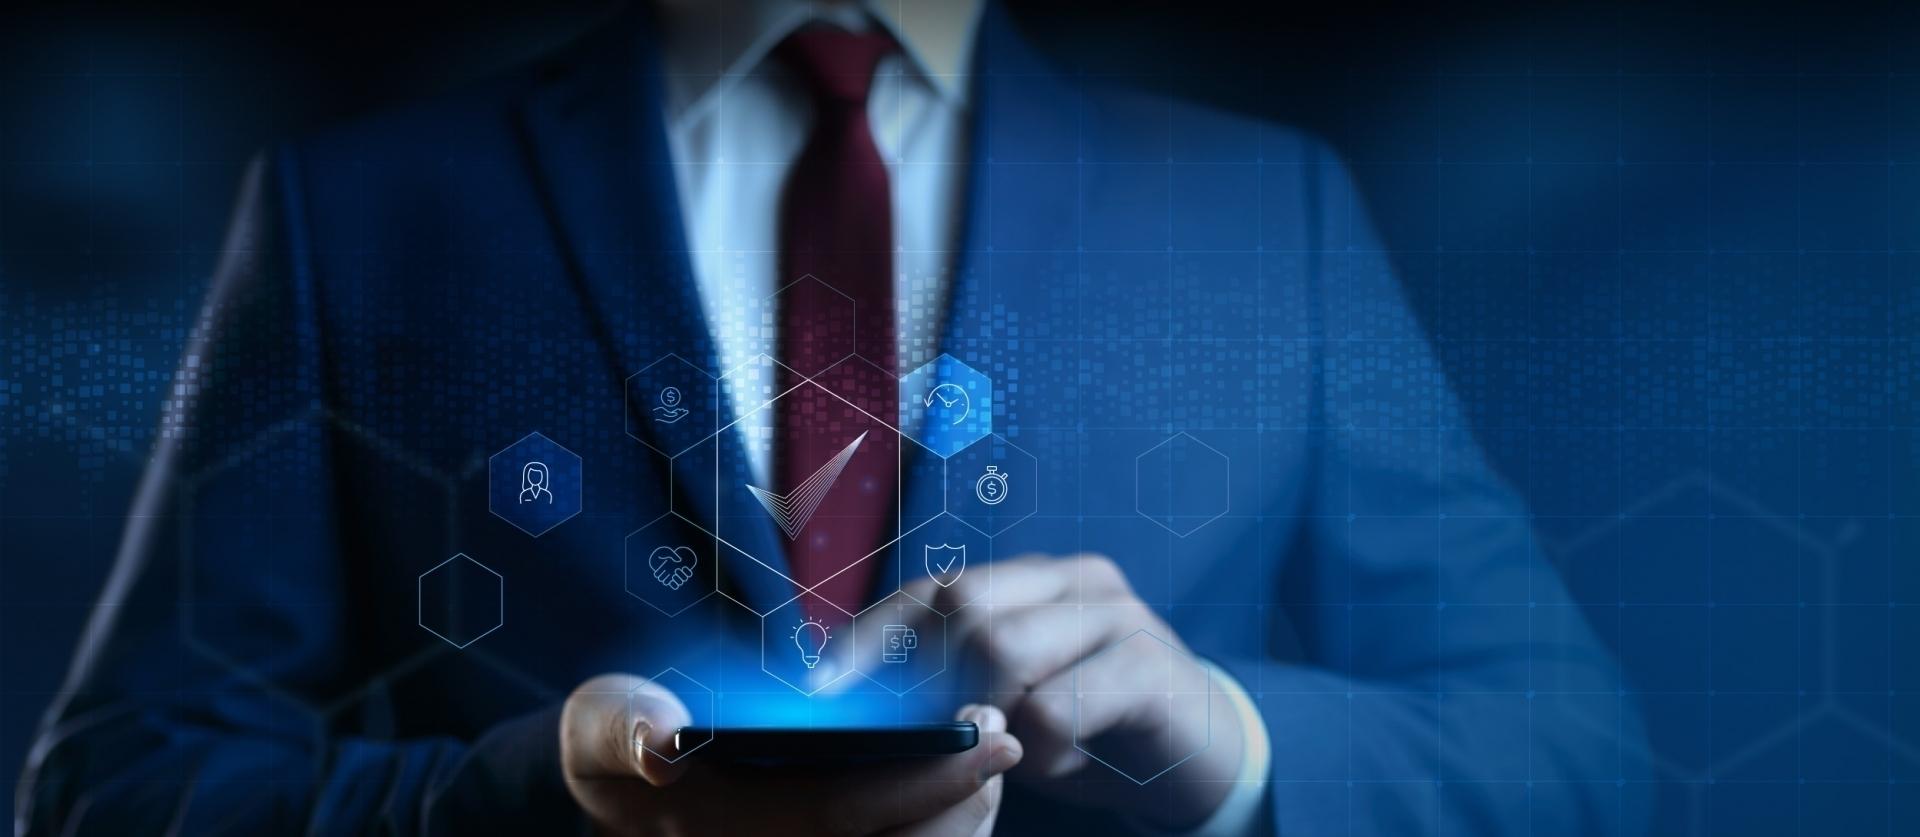 טכנולוגיה שמצמיחה עסקים